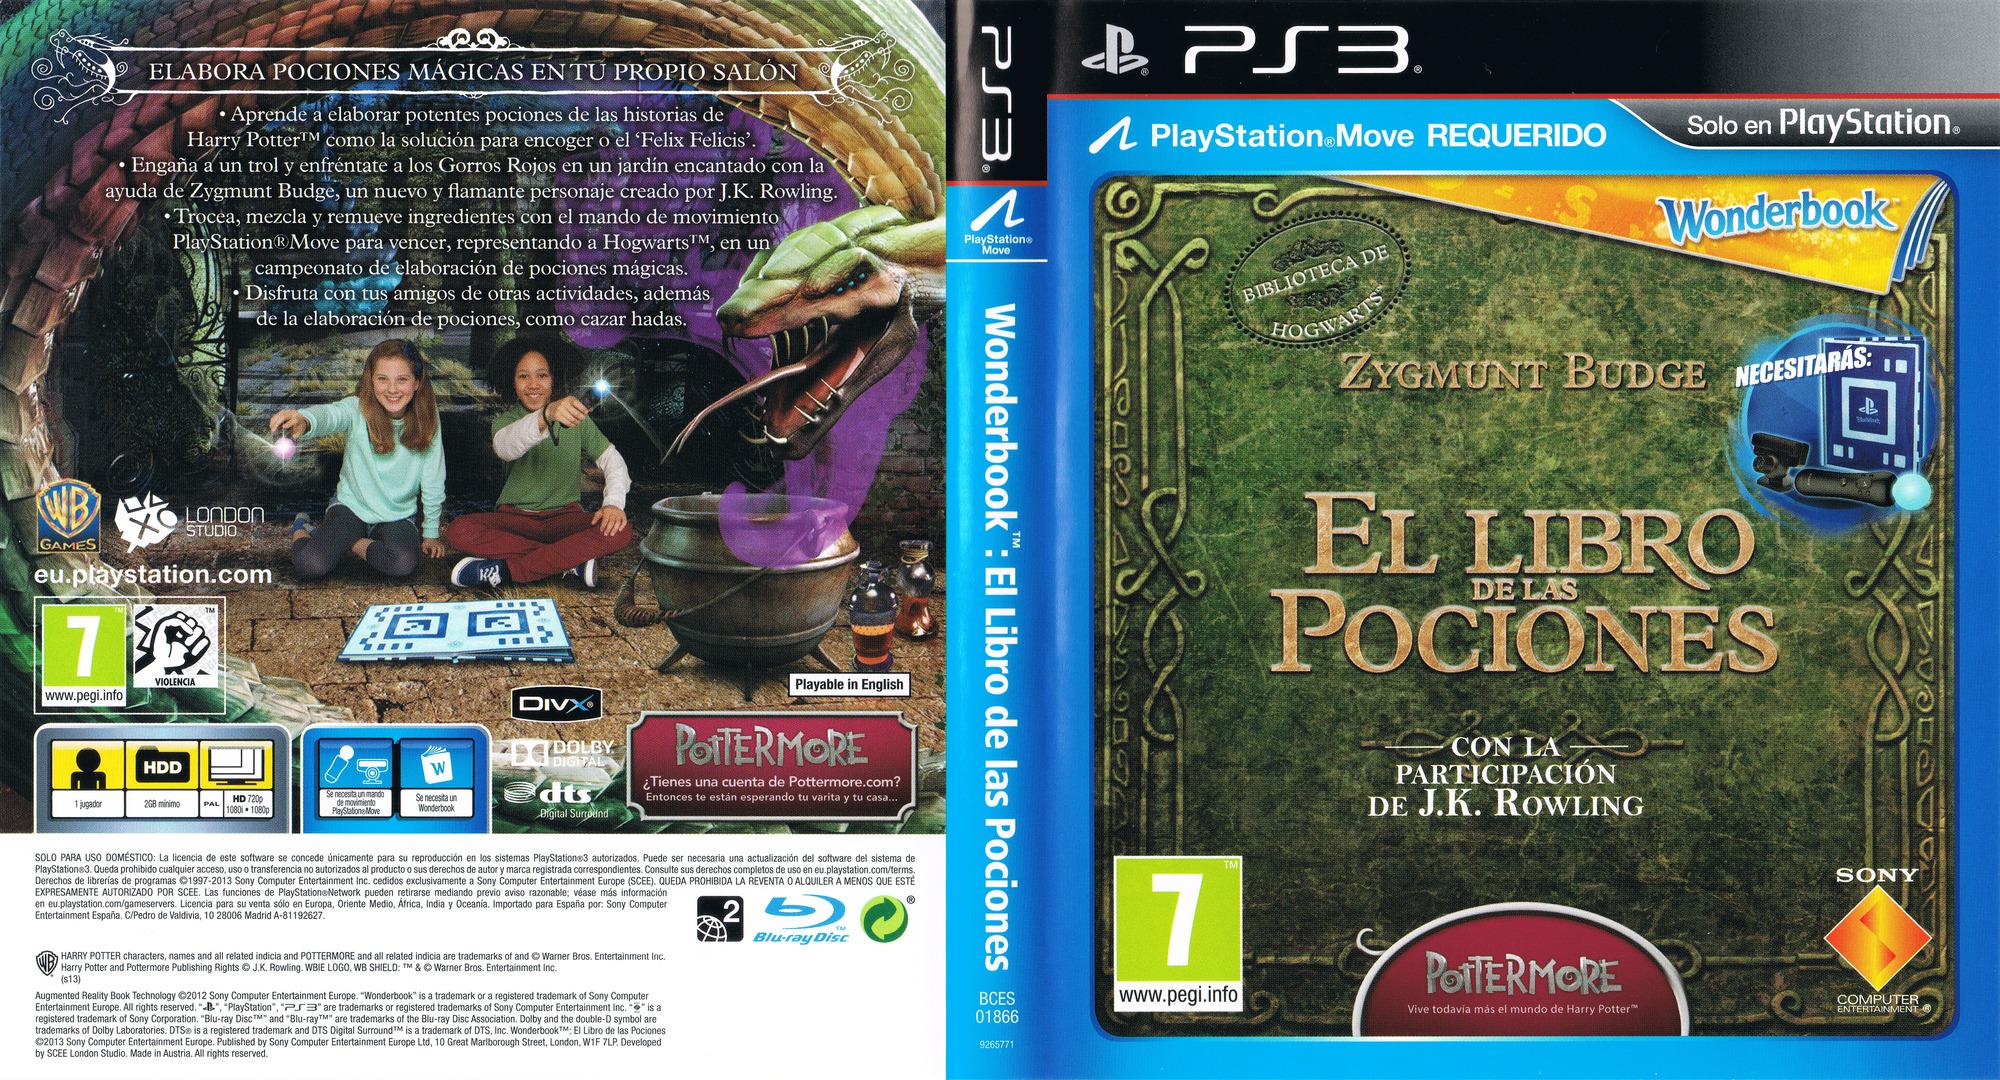 Wonderbook: El Libro de las Pociones PS3 coverfullHQ (BCES01866)